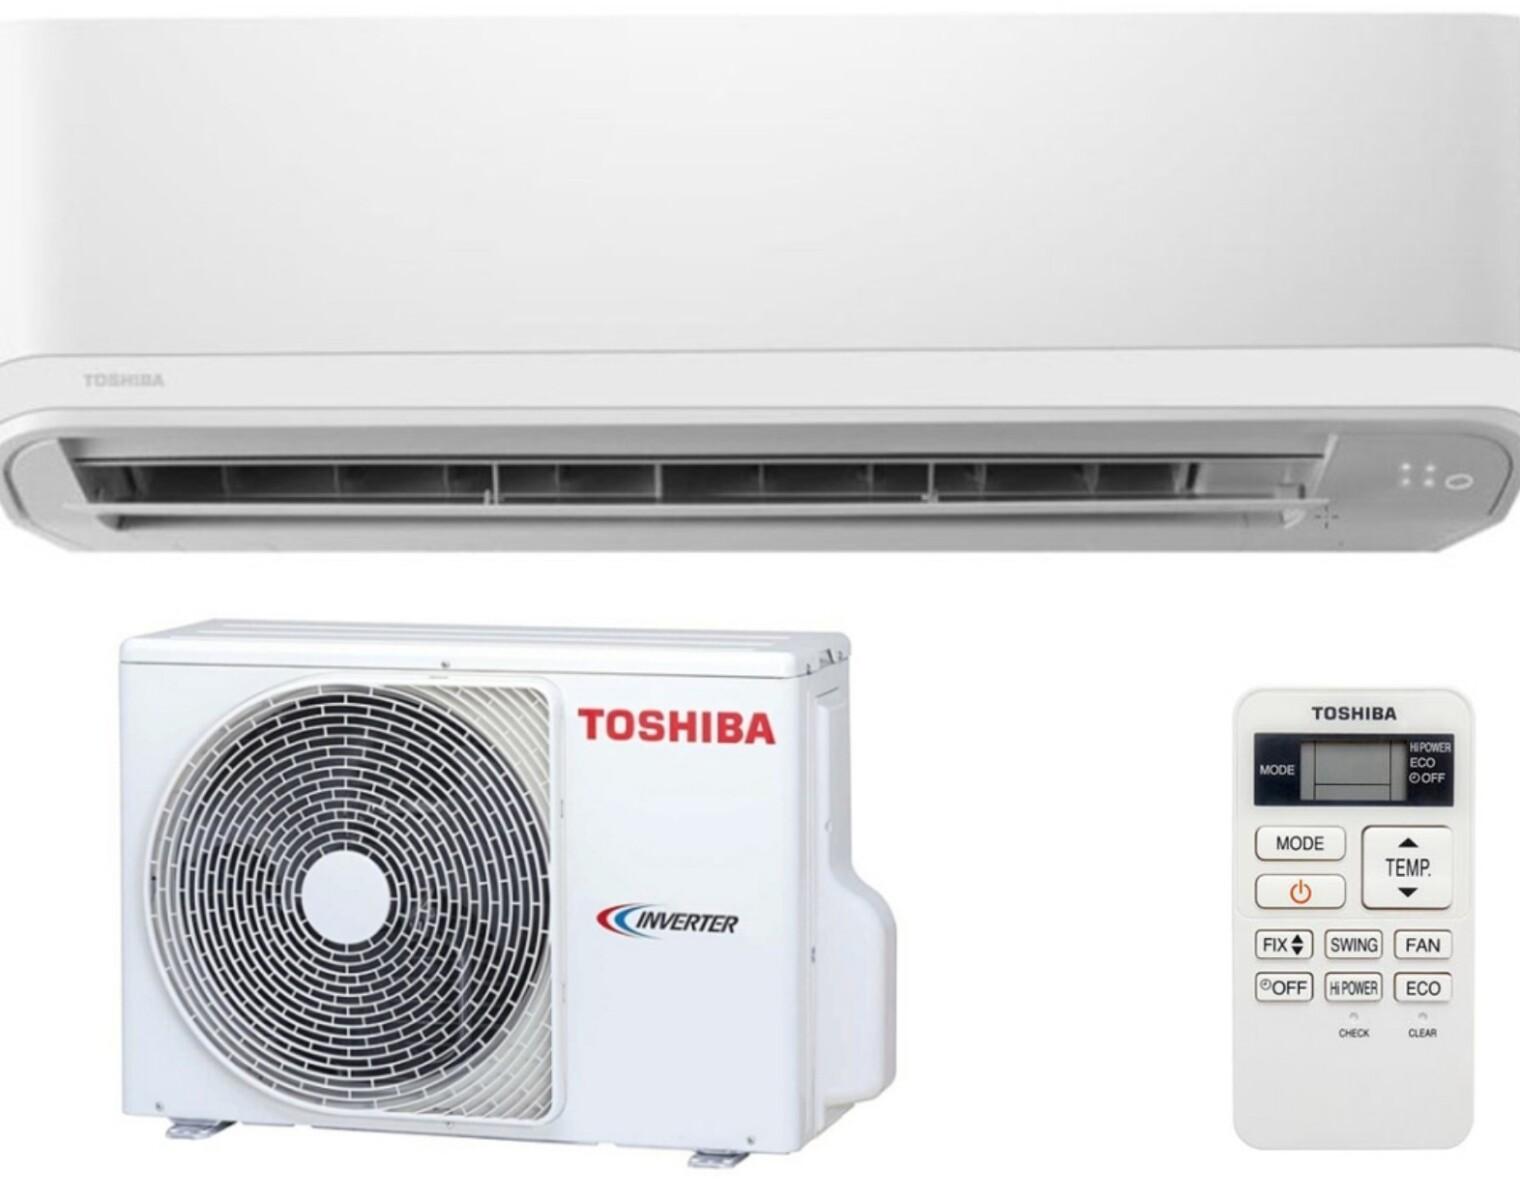 Обзор кондиционеров Toshiba (Тошиба): инверторные, канальные, сплит и инструкции к ним